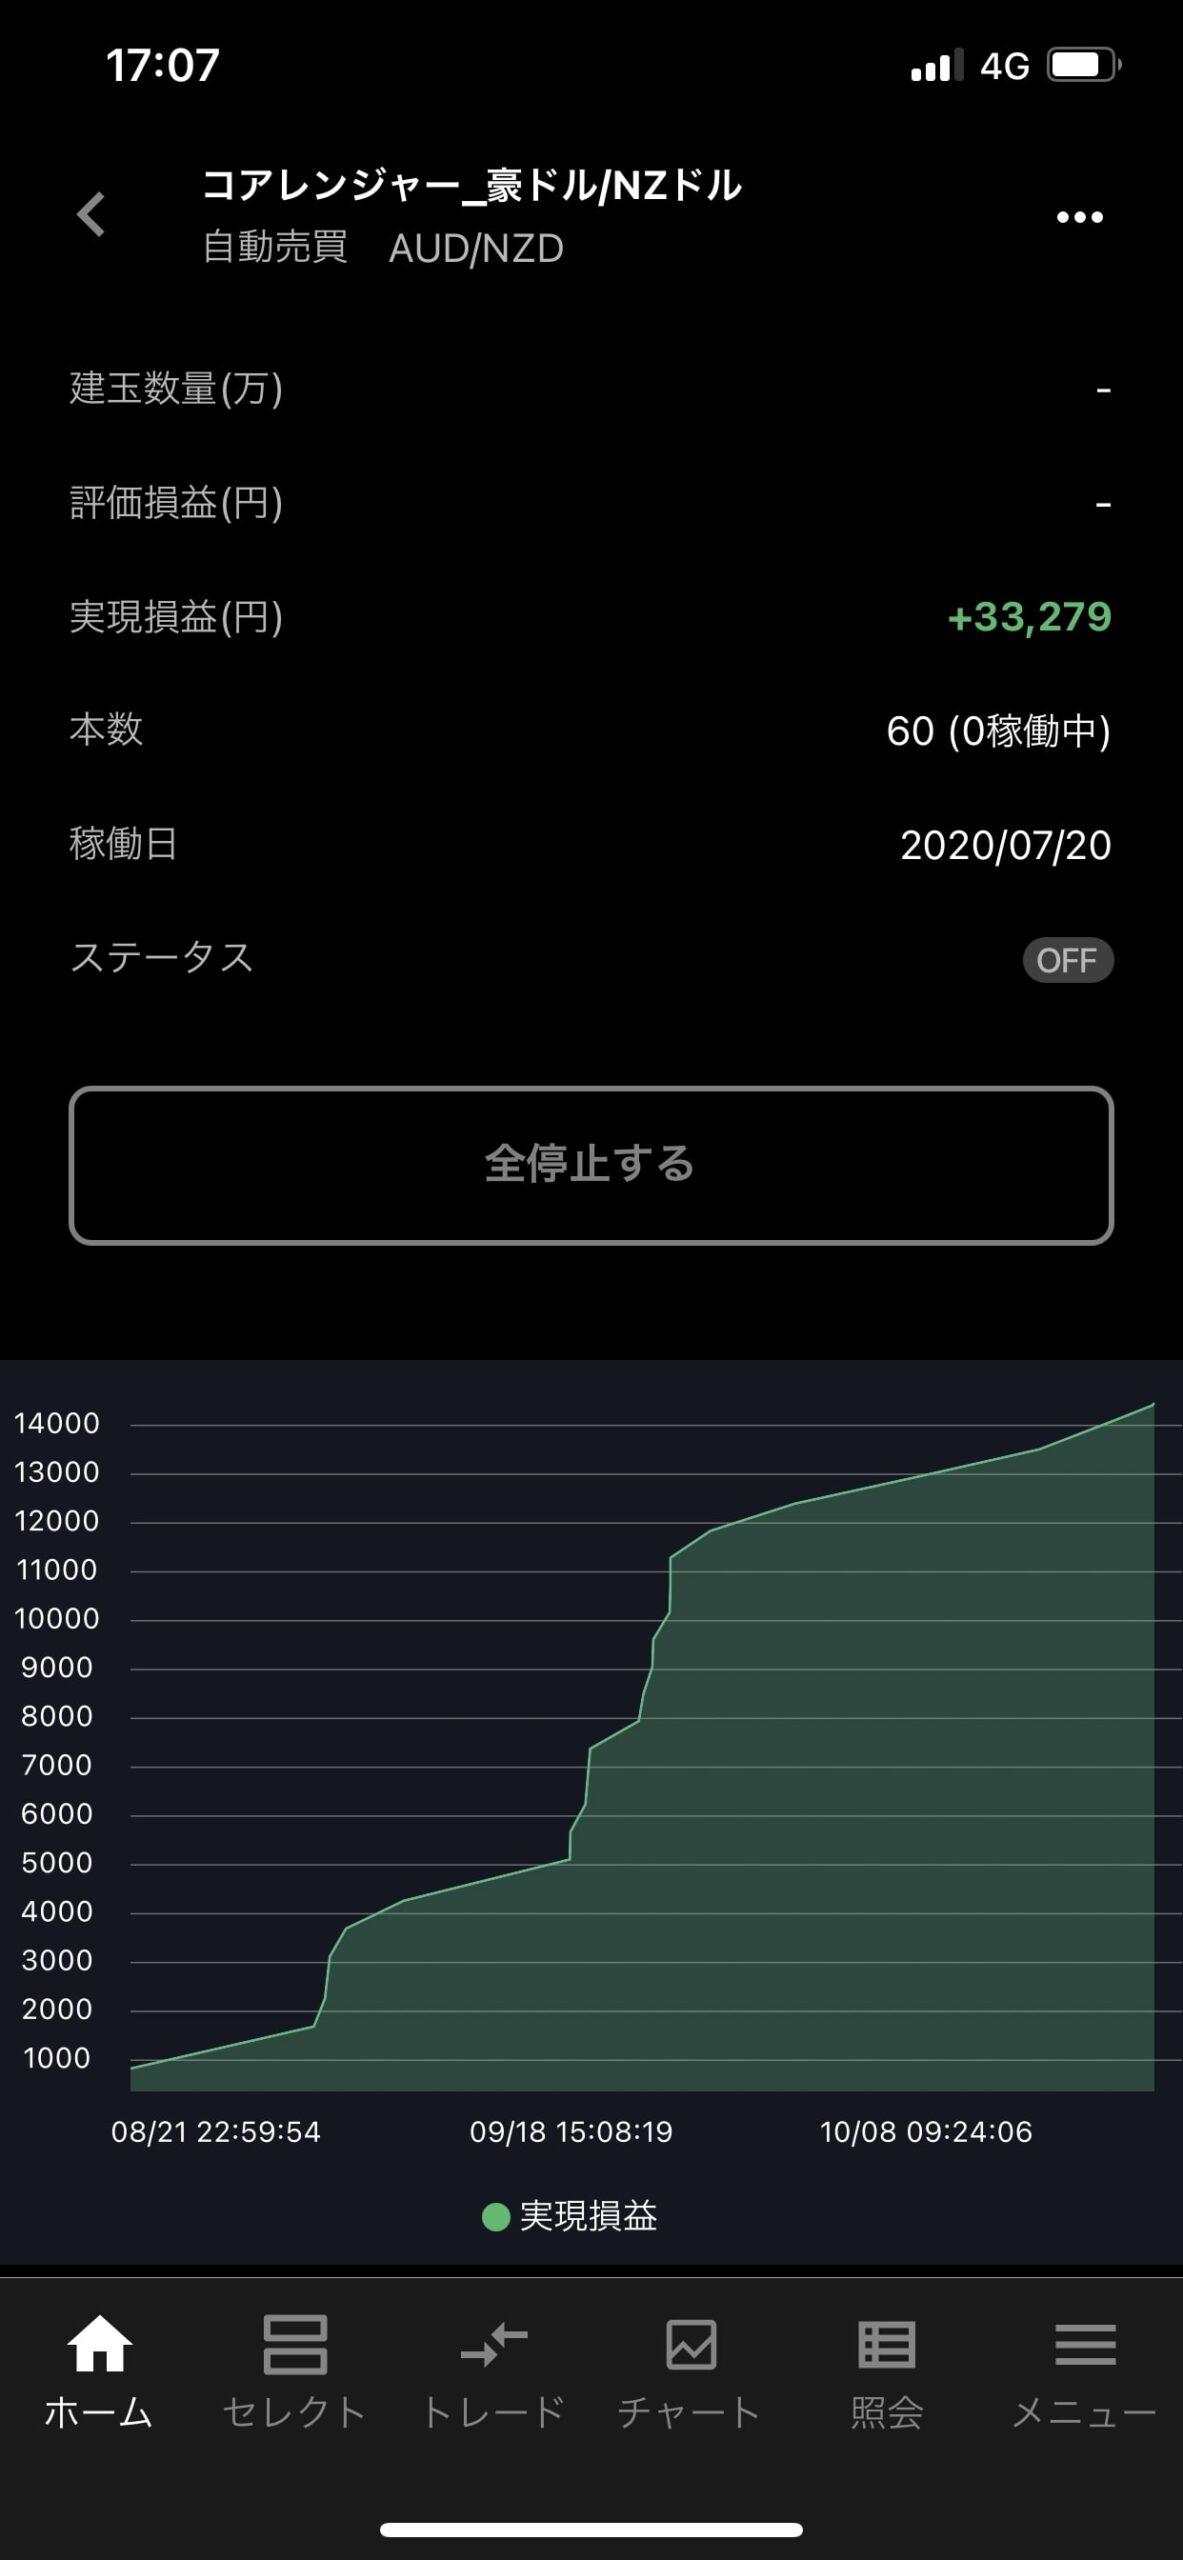 豪ドル/NZドルの過去実績